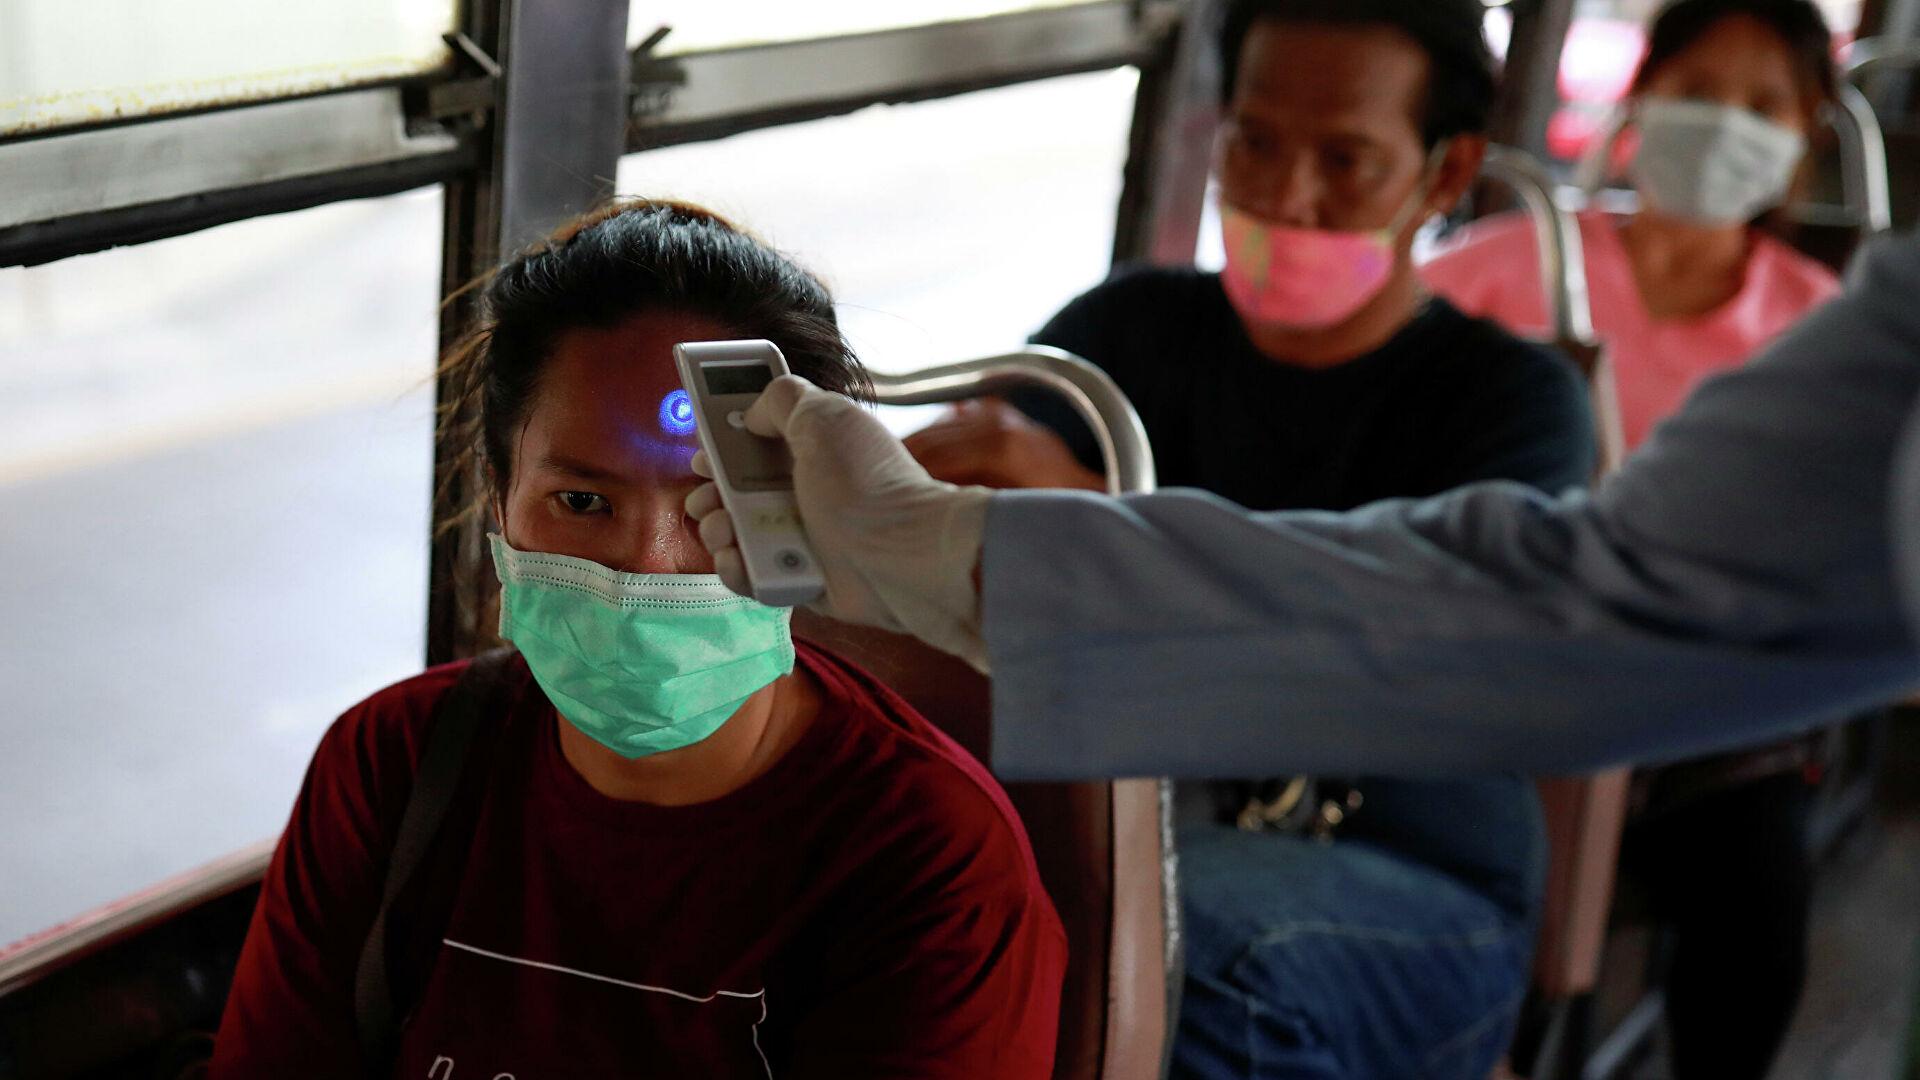 Таиланд из-за роста случаев COVID-19 ввел запрет на публичные собрания, нарушителям грозит до двух лет тюрьмы